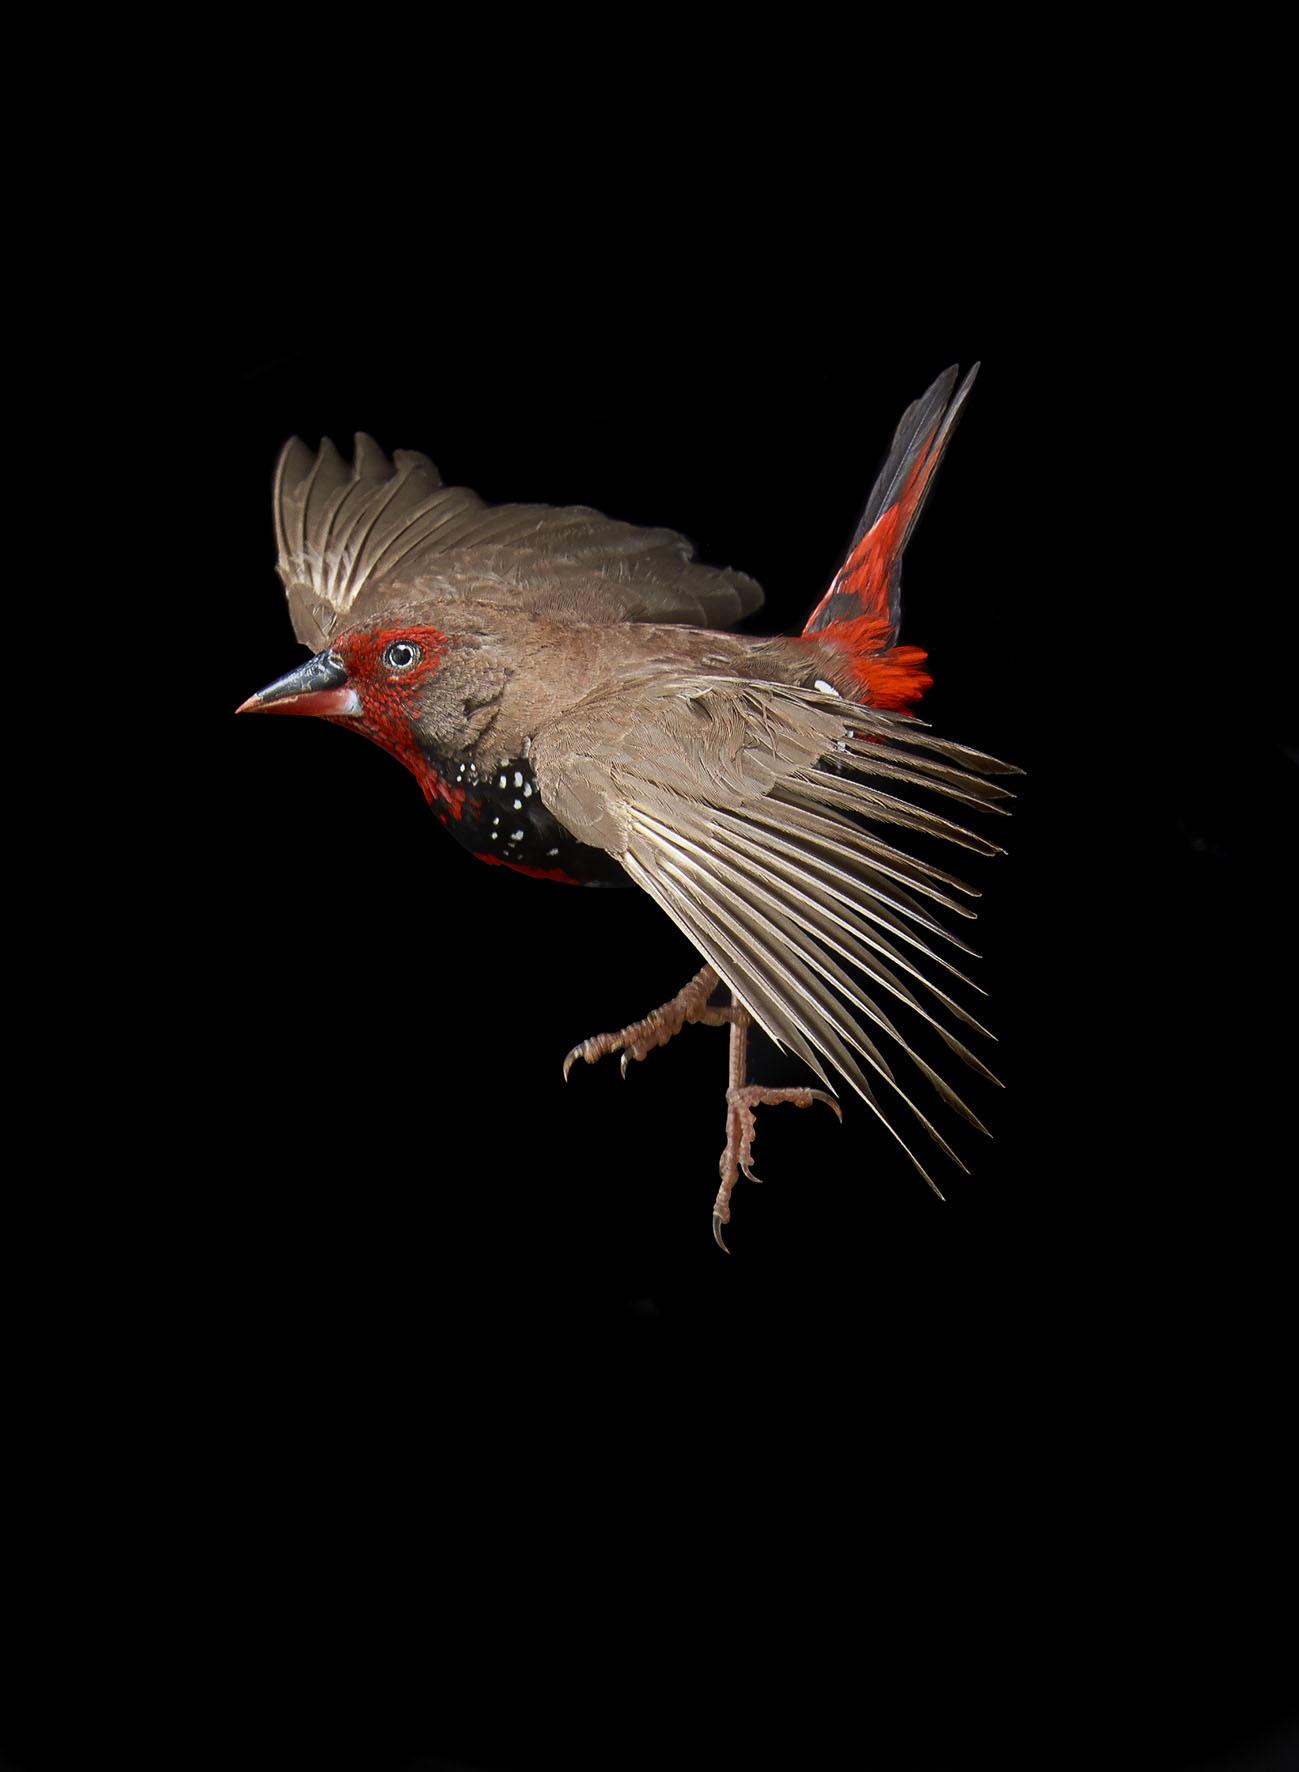 Finch_2_042 2.jpg